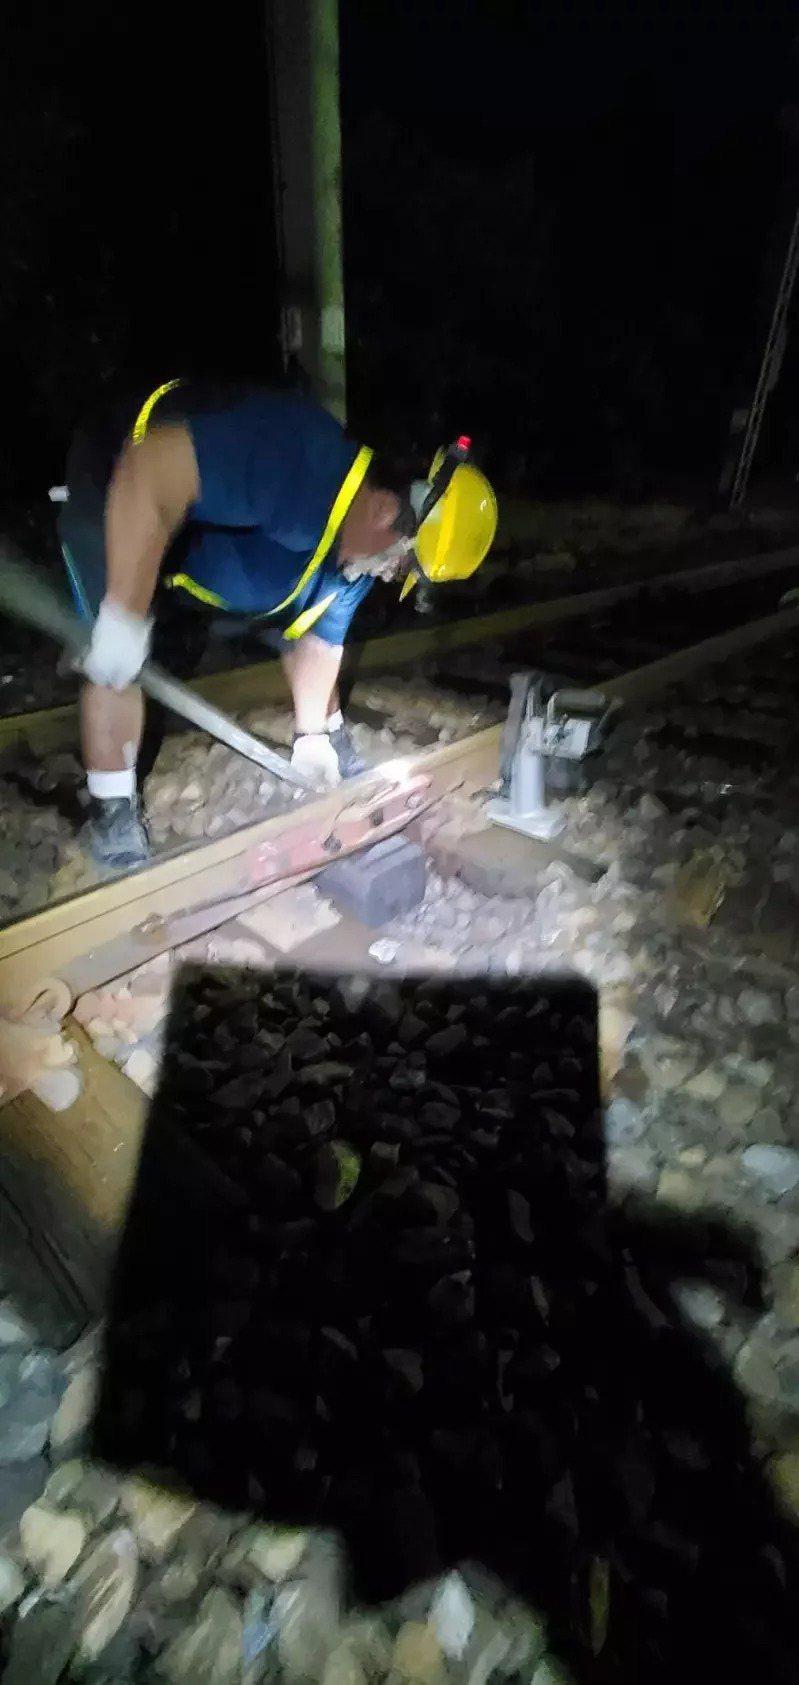 本月15日南澳到東澳站間也發生鋼軌斷裂事故。記者張議晨/翻攝